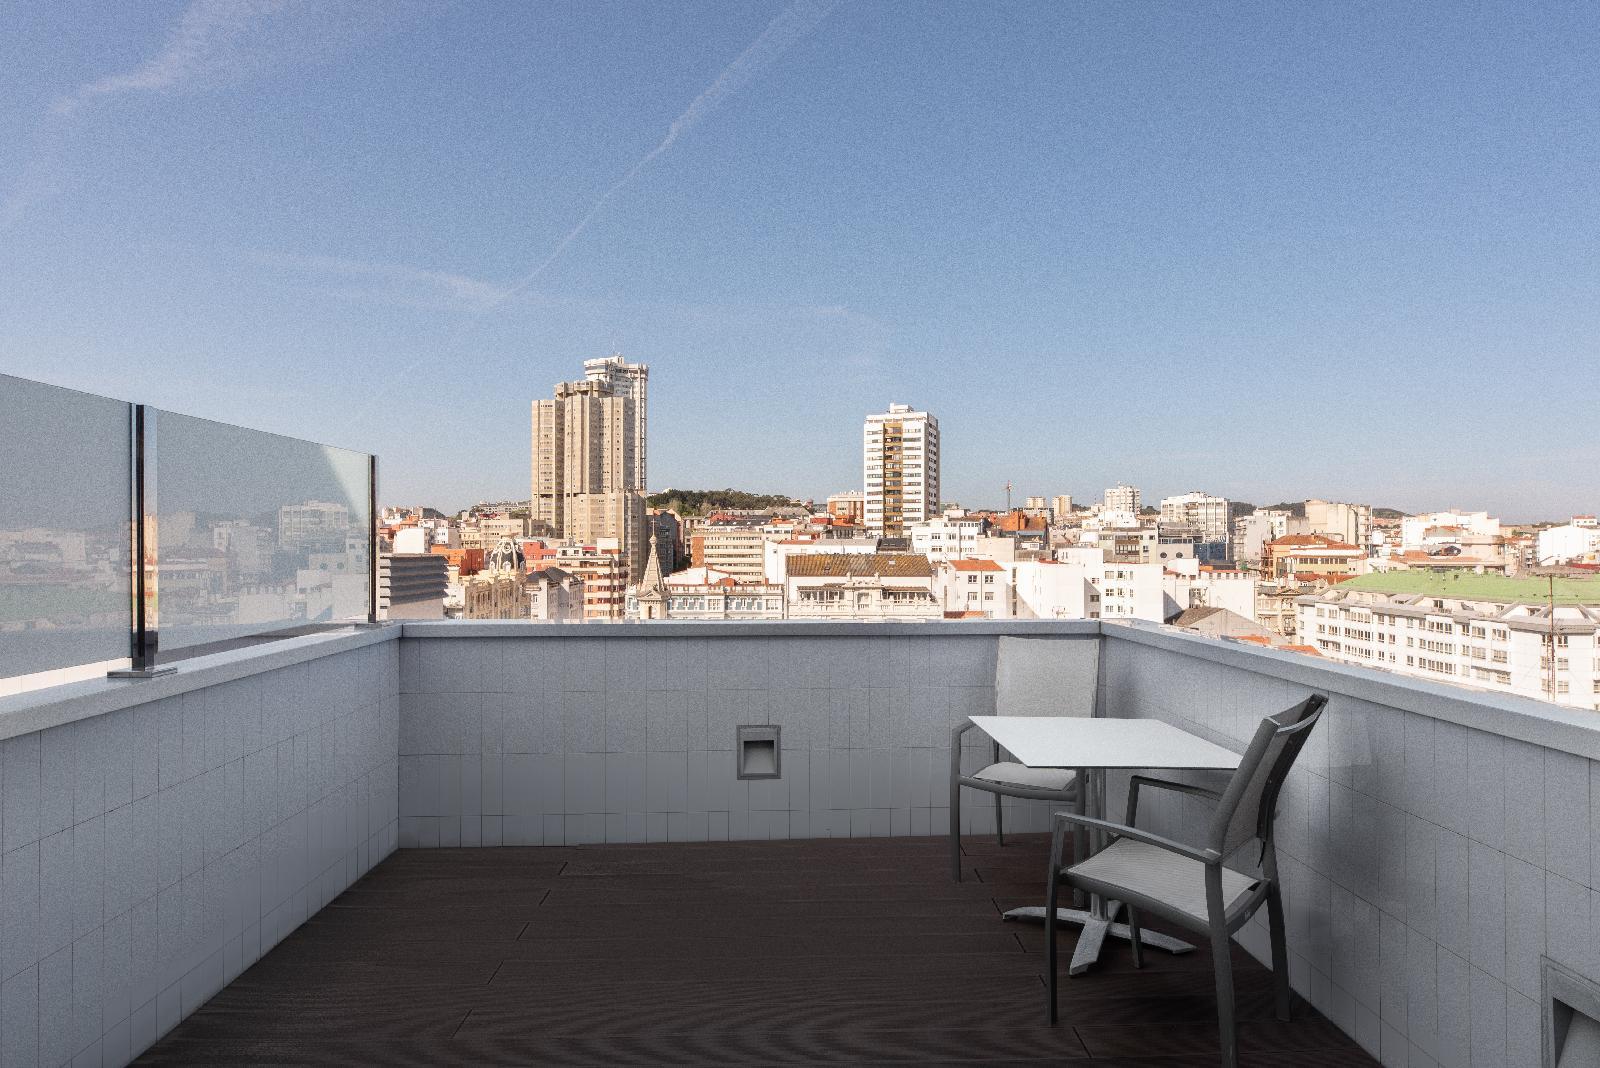 8. Hotel Blue Coruña